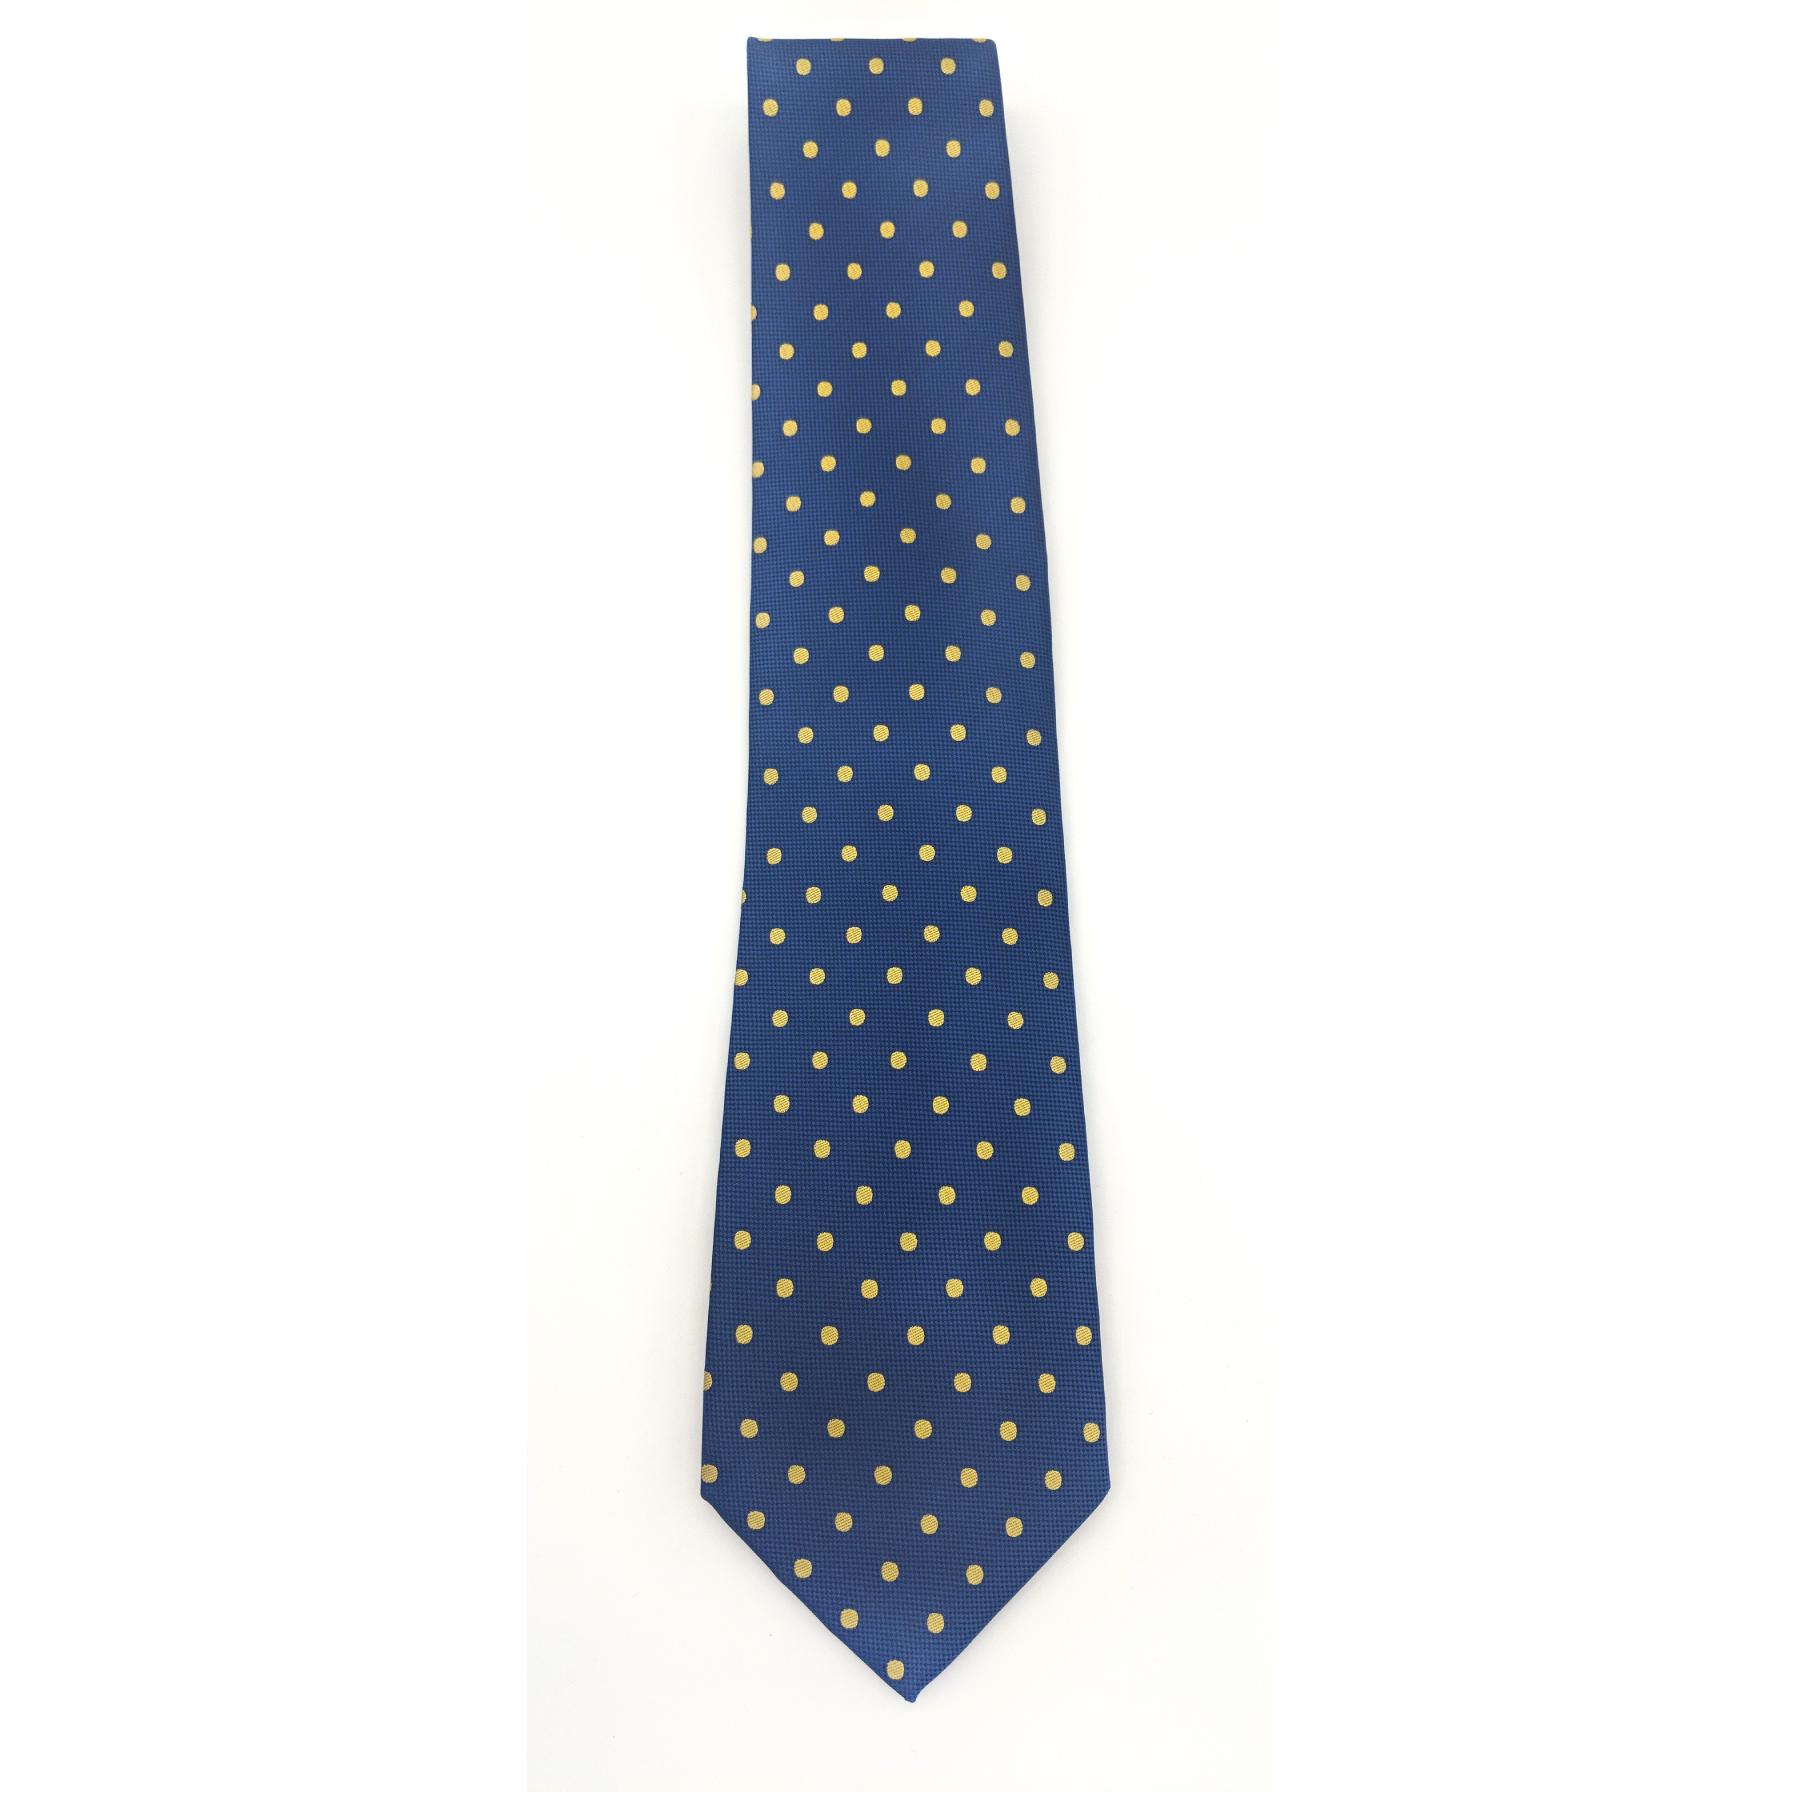 WCR Tie ties